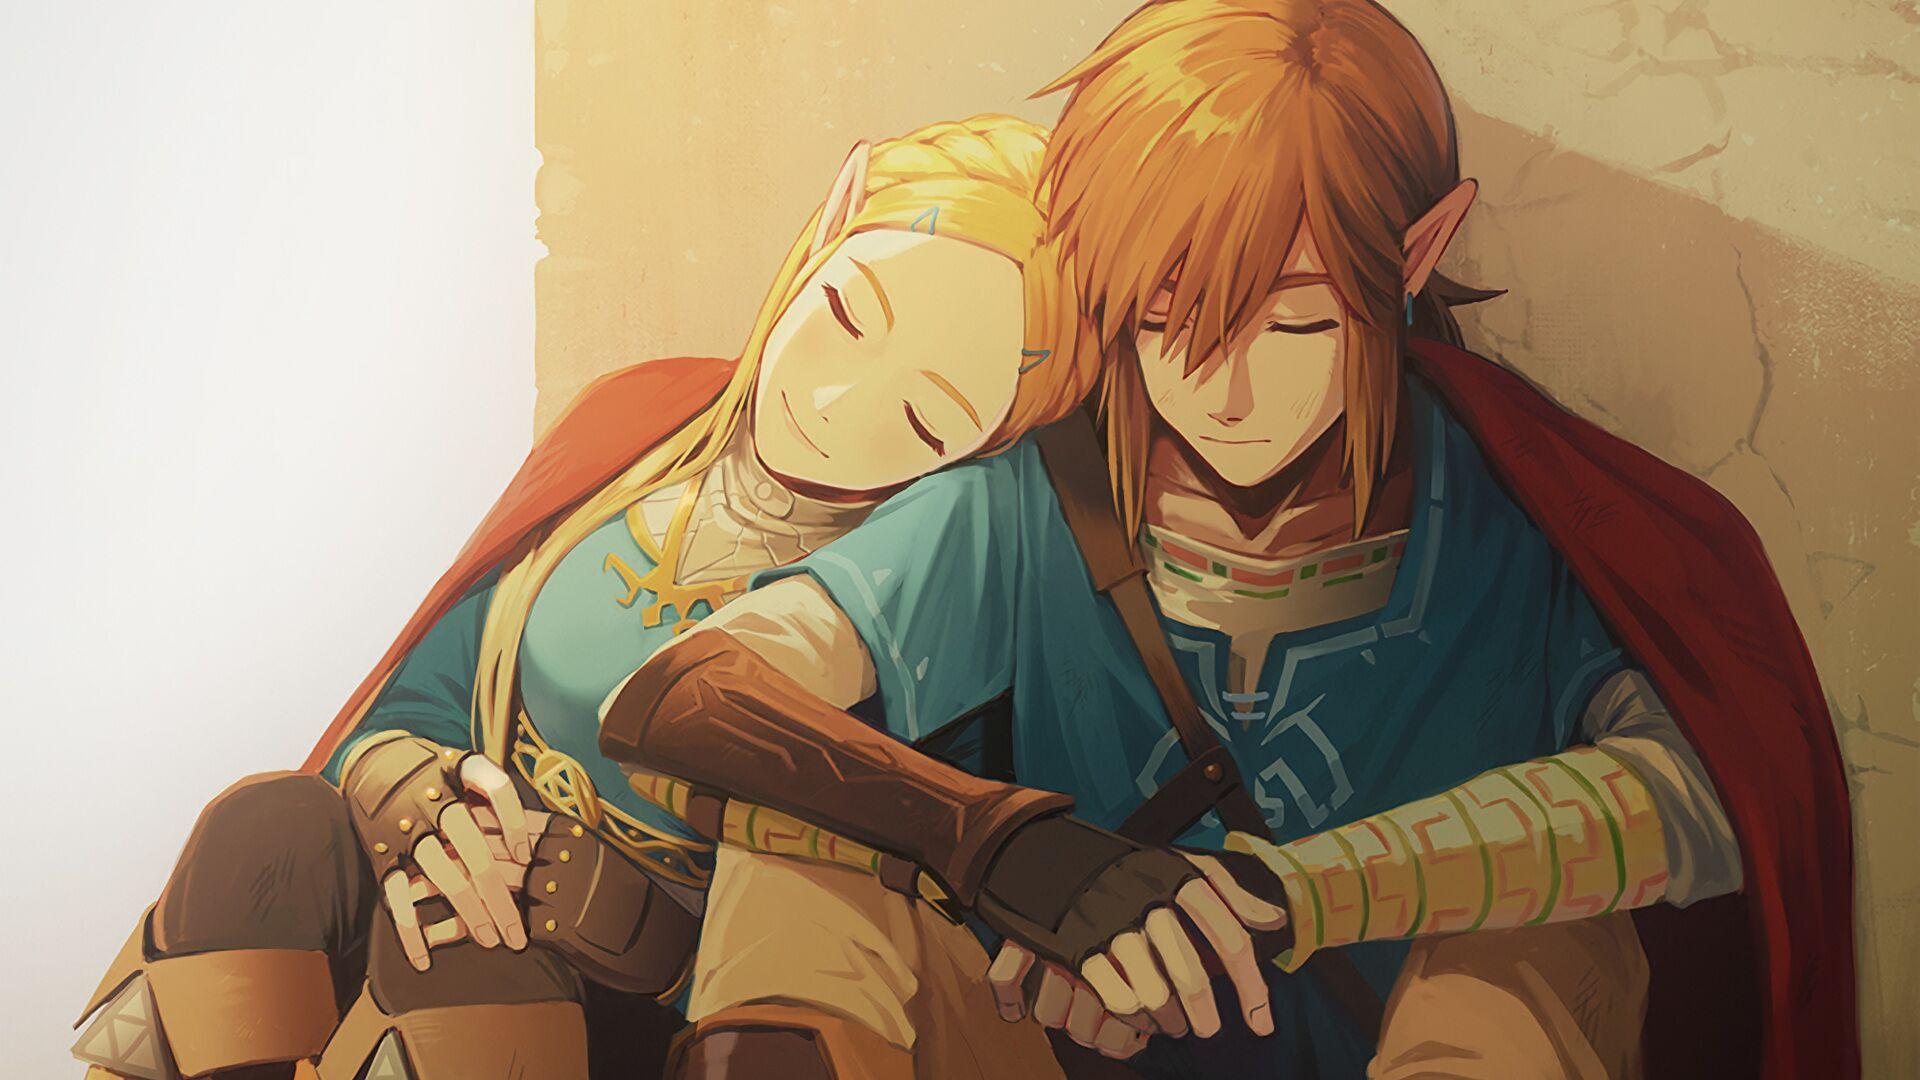 Wallpaper The Legend Of Zelda Breath Of The Wild Princess Zelda